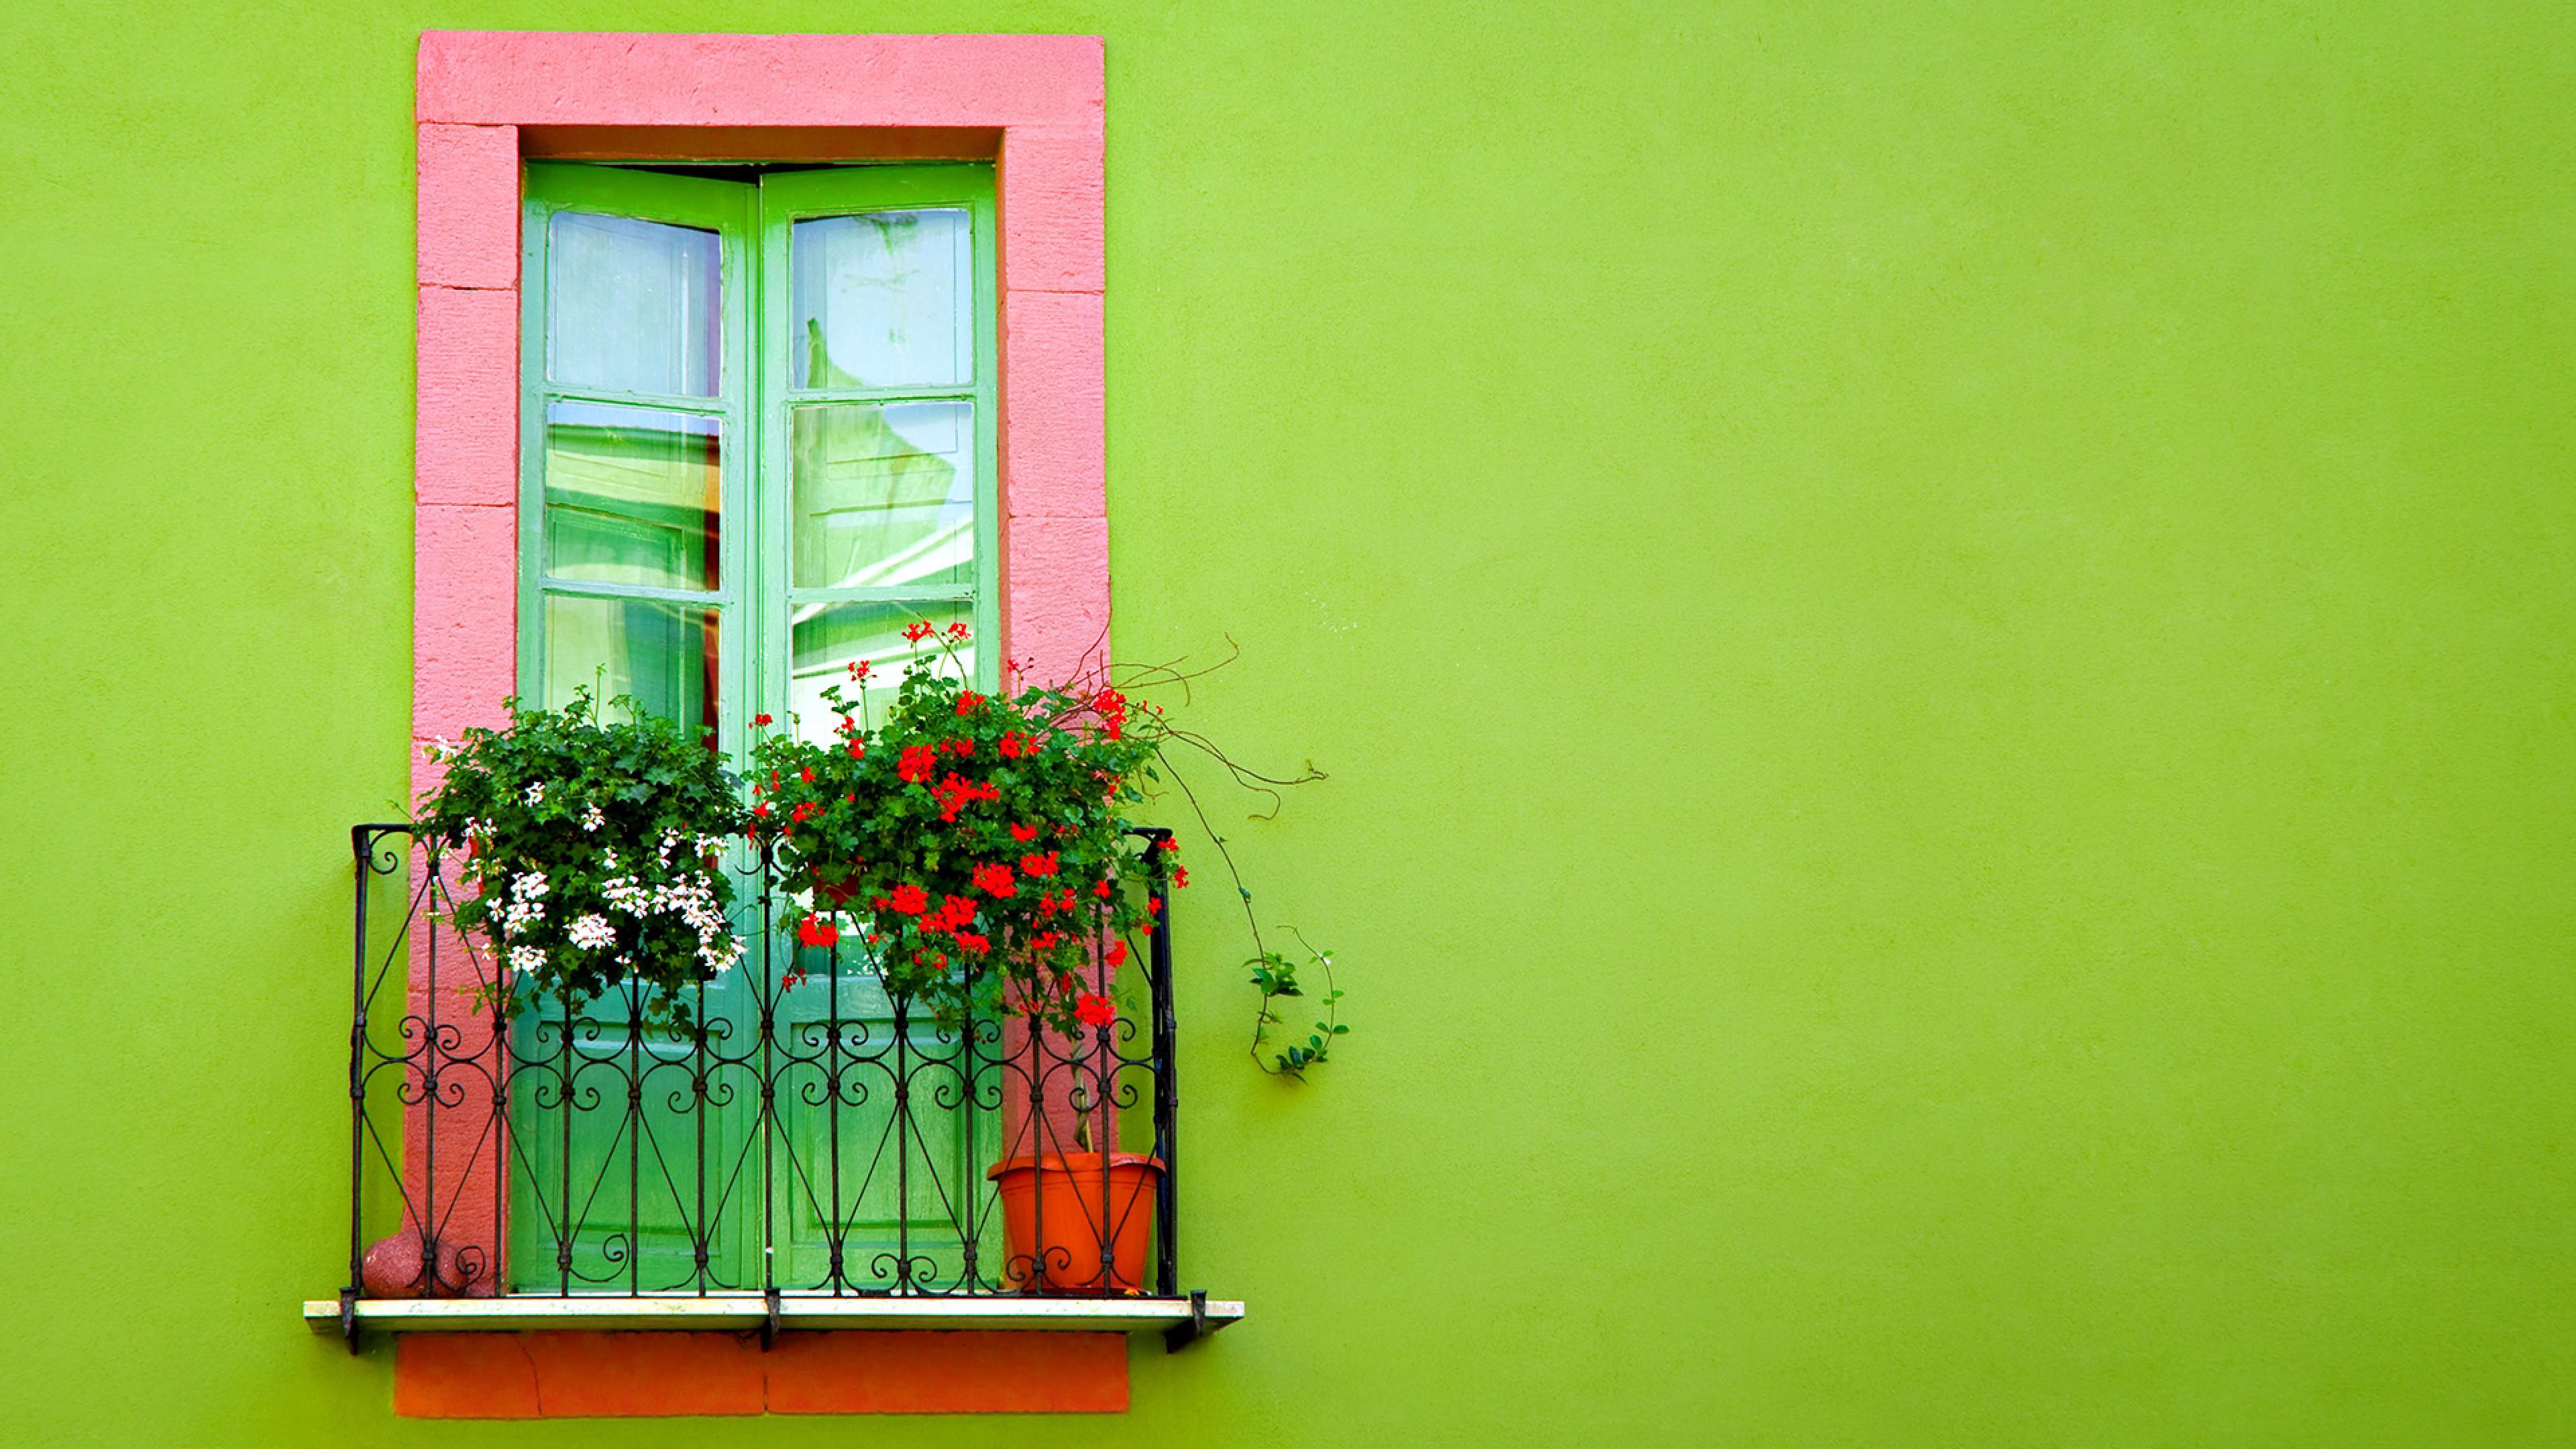 Балкон двери цветы стена салатовая hd обои для ноутбука.